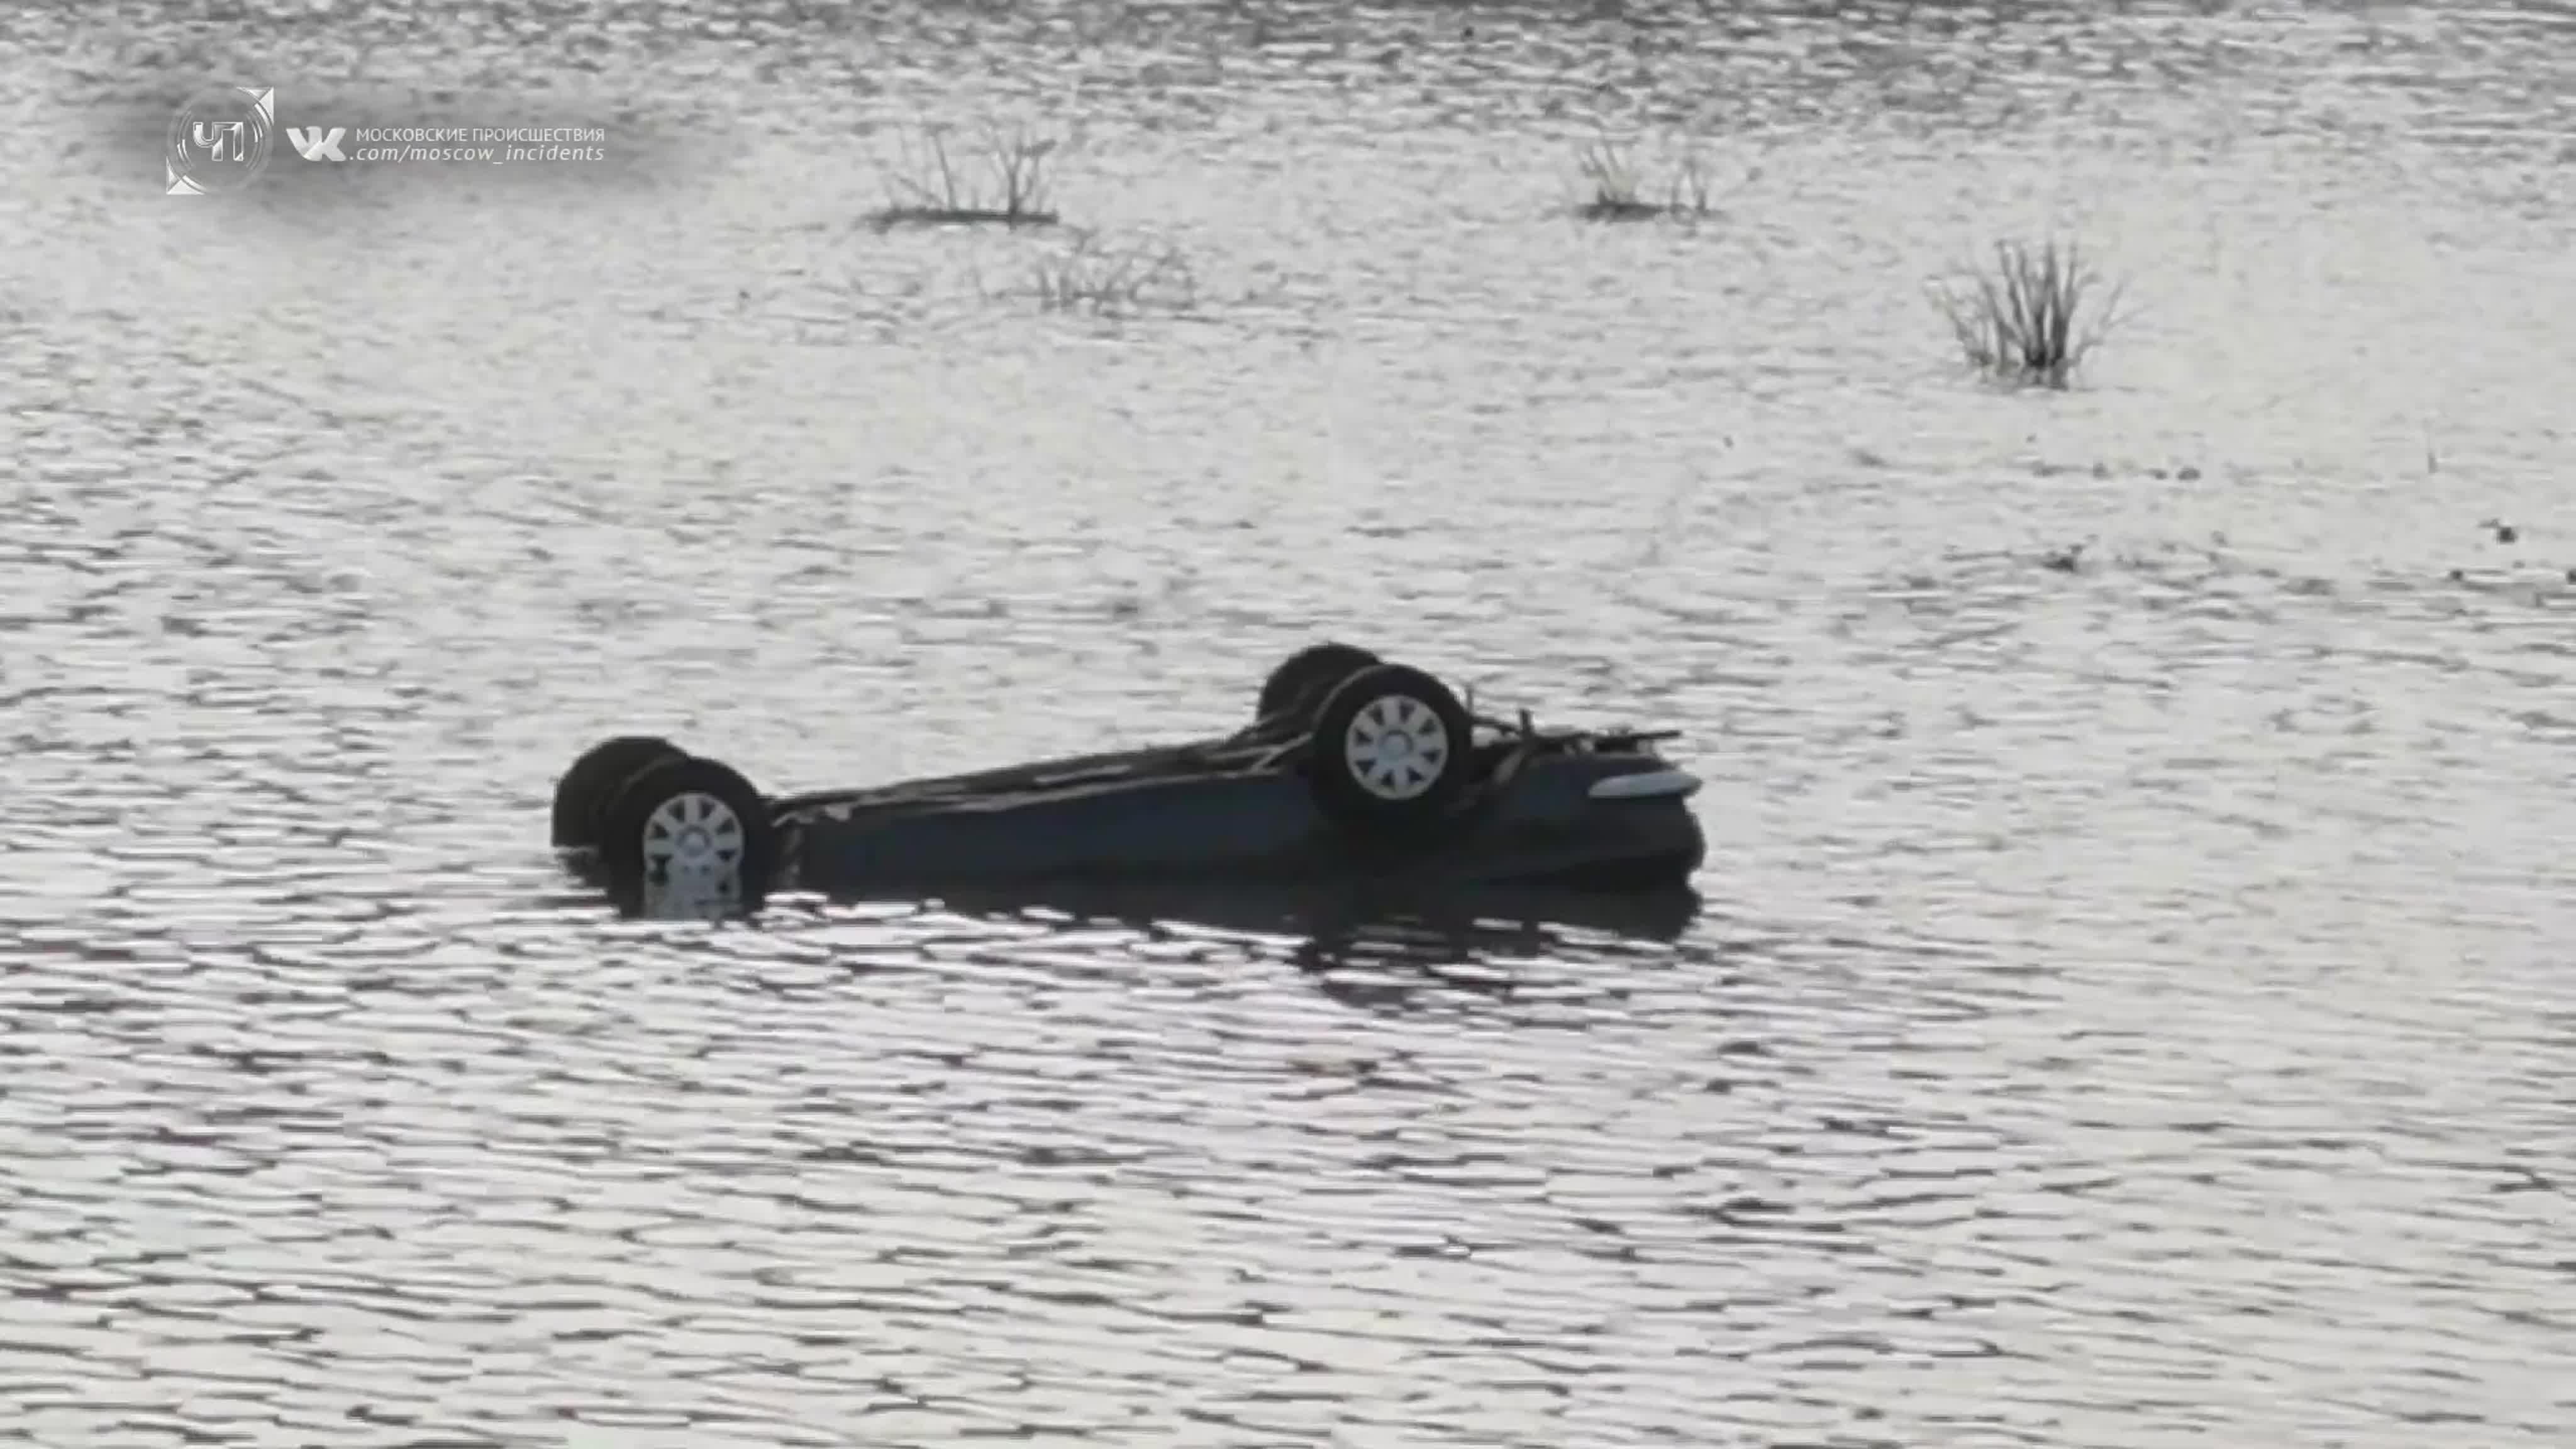 12 октября очевидцы сообщили о падении автомобиля в акваторию Москвы-реки.